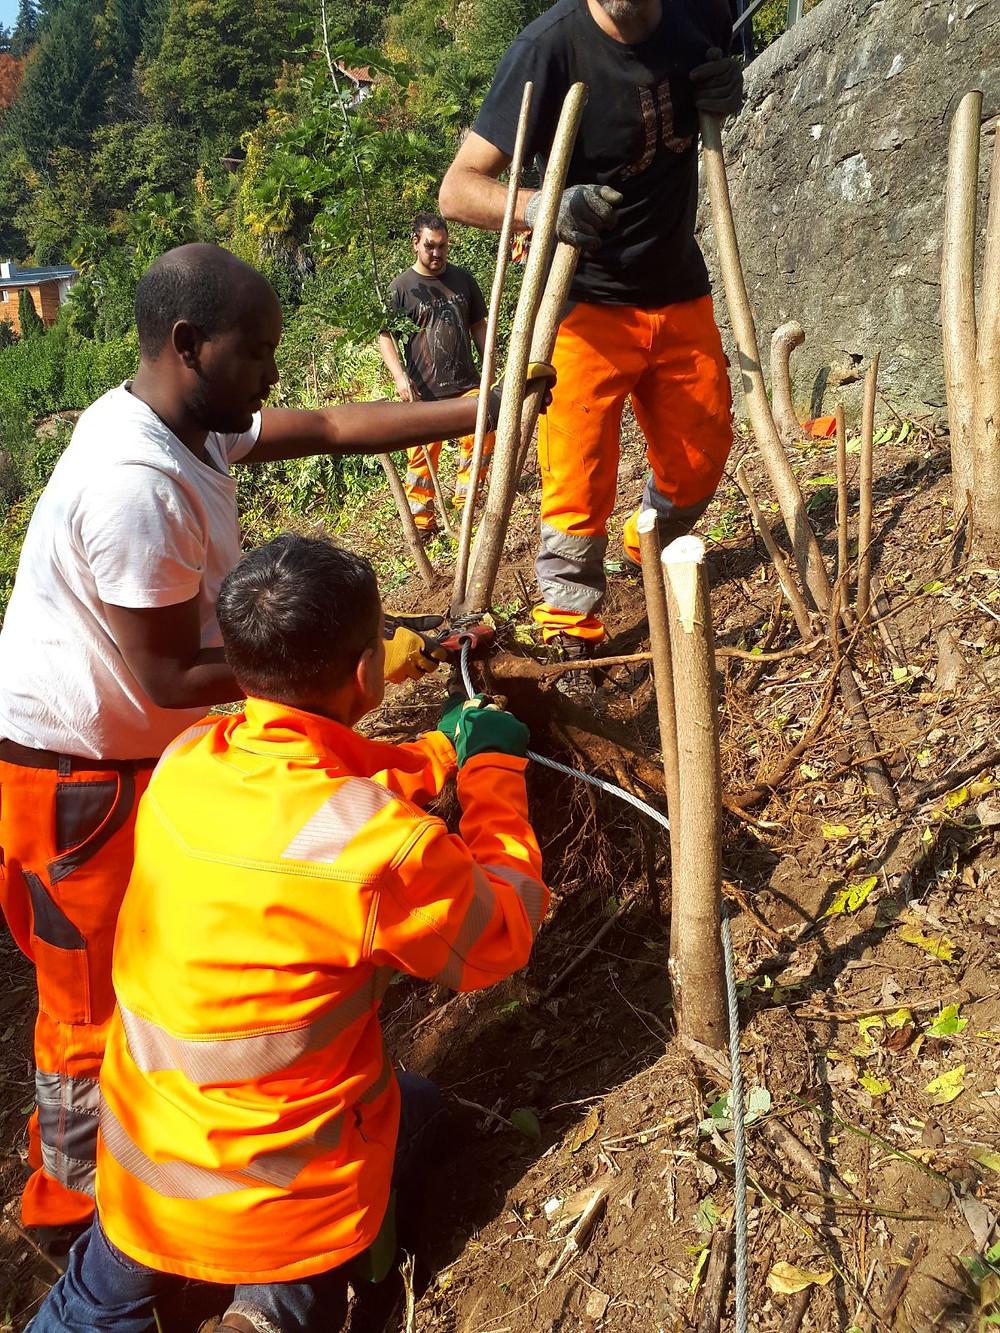 Operai impegnati nell'estirpazione della pianta tramite Trifor